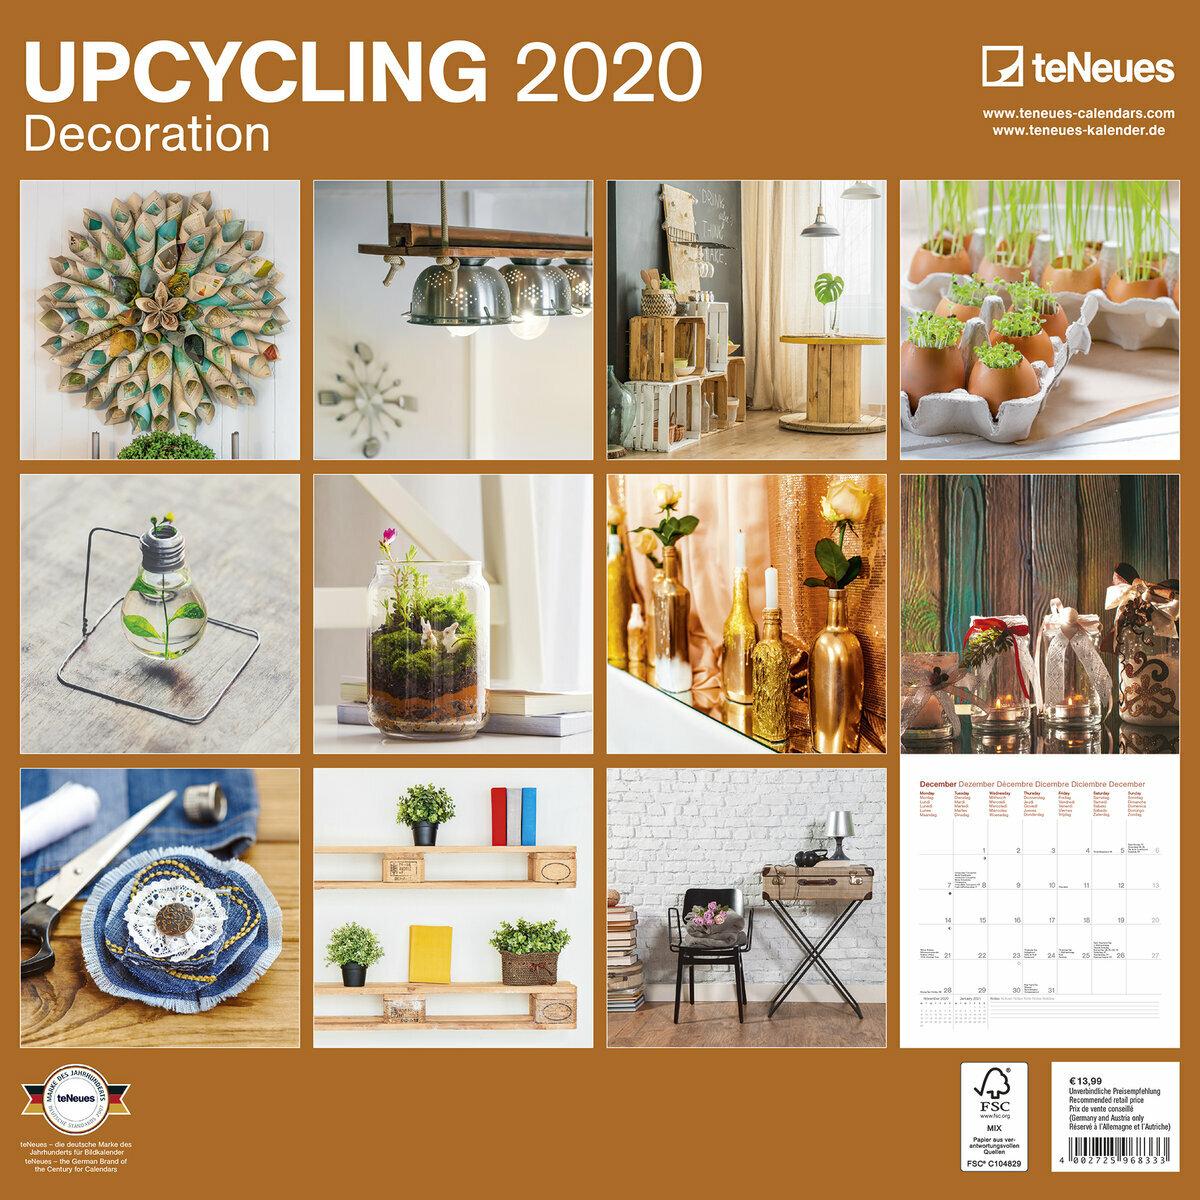 Calendrier 2020 Deco interieure recyclée